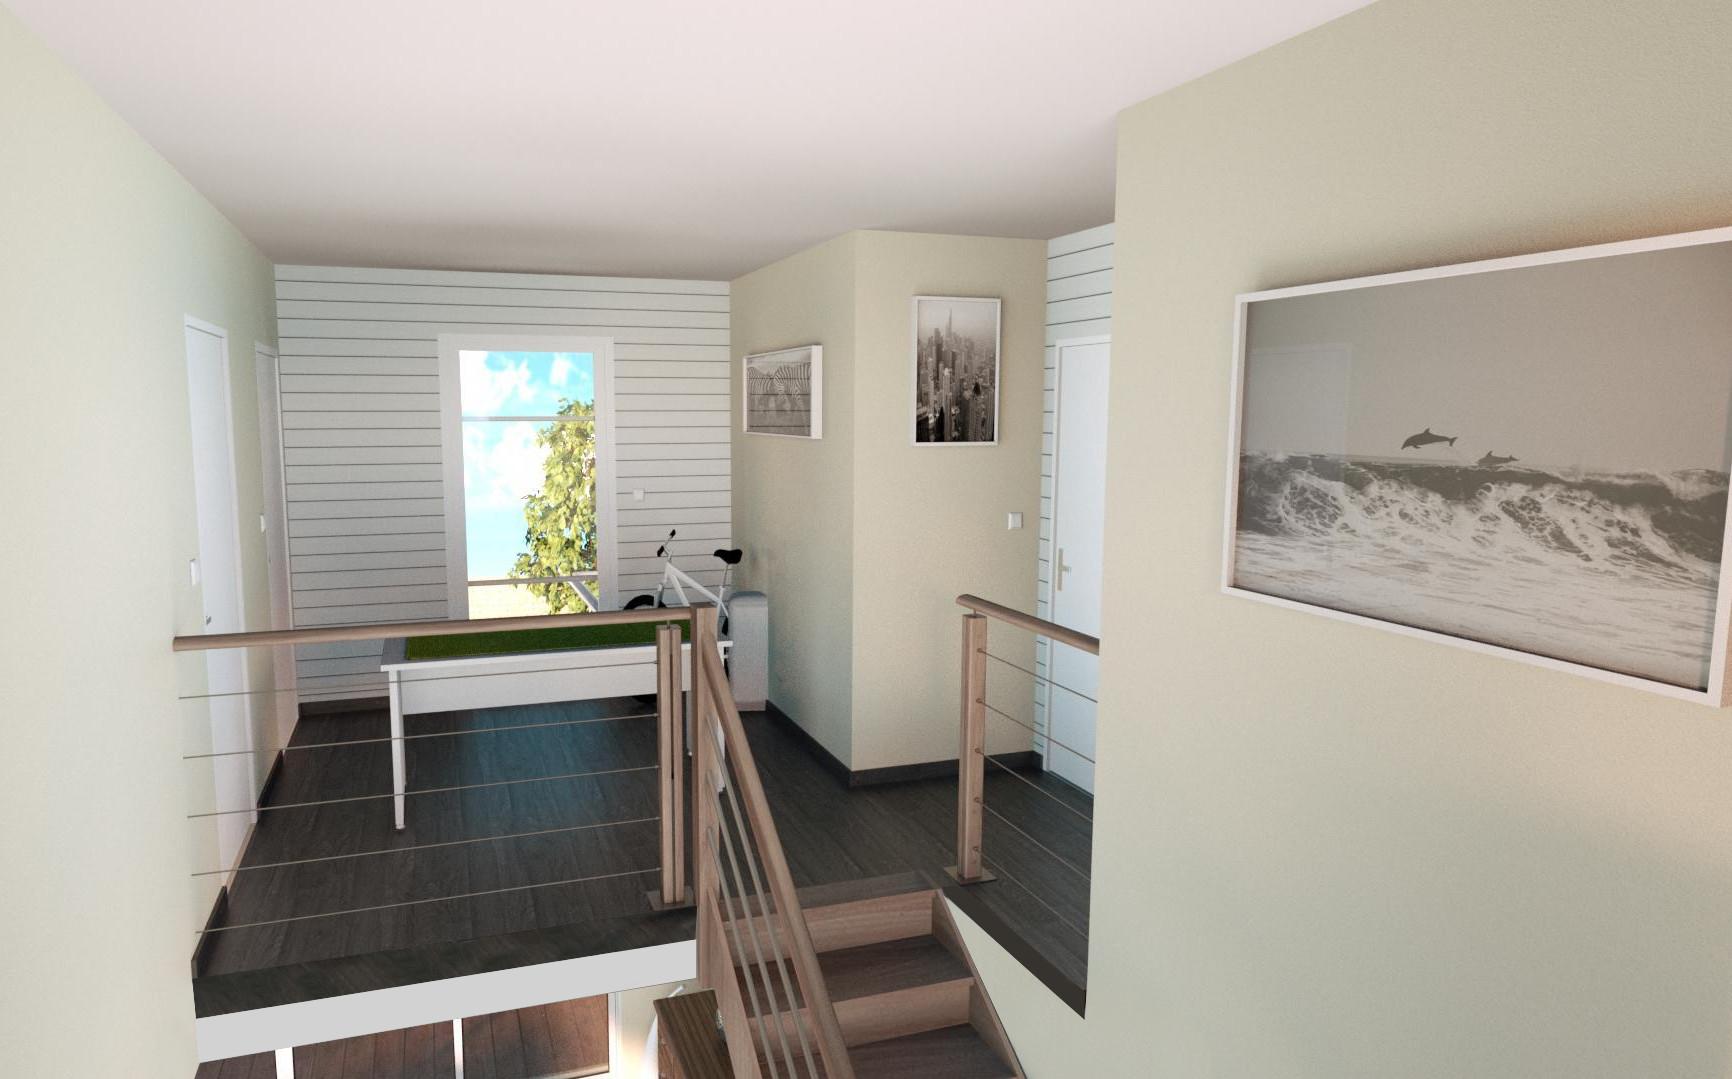 Constructeur maison architecte gironde maison moderne for Constructeur maison architecte